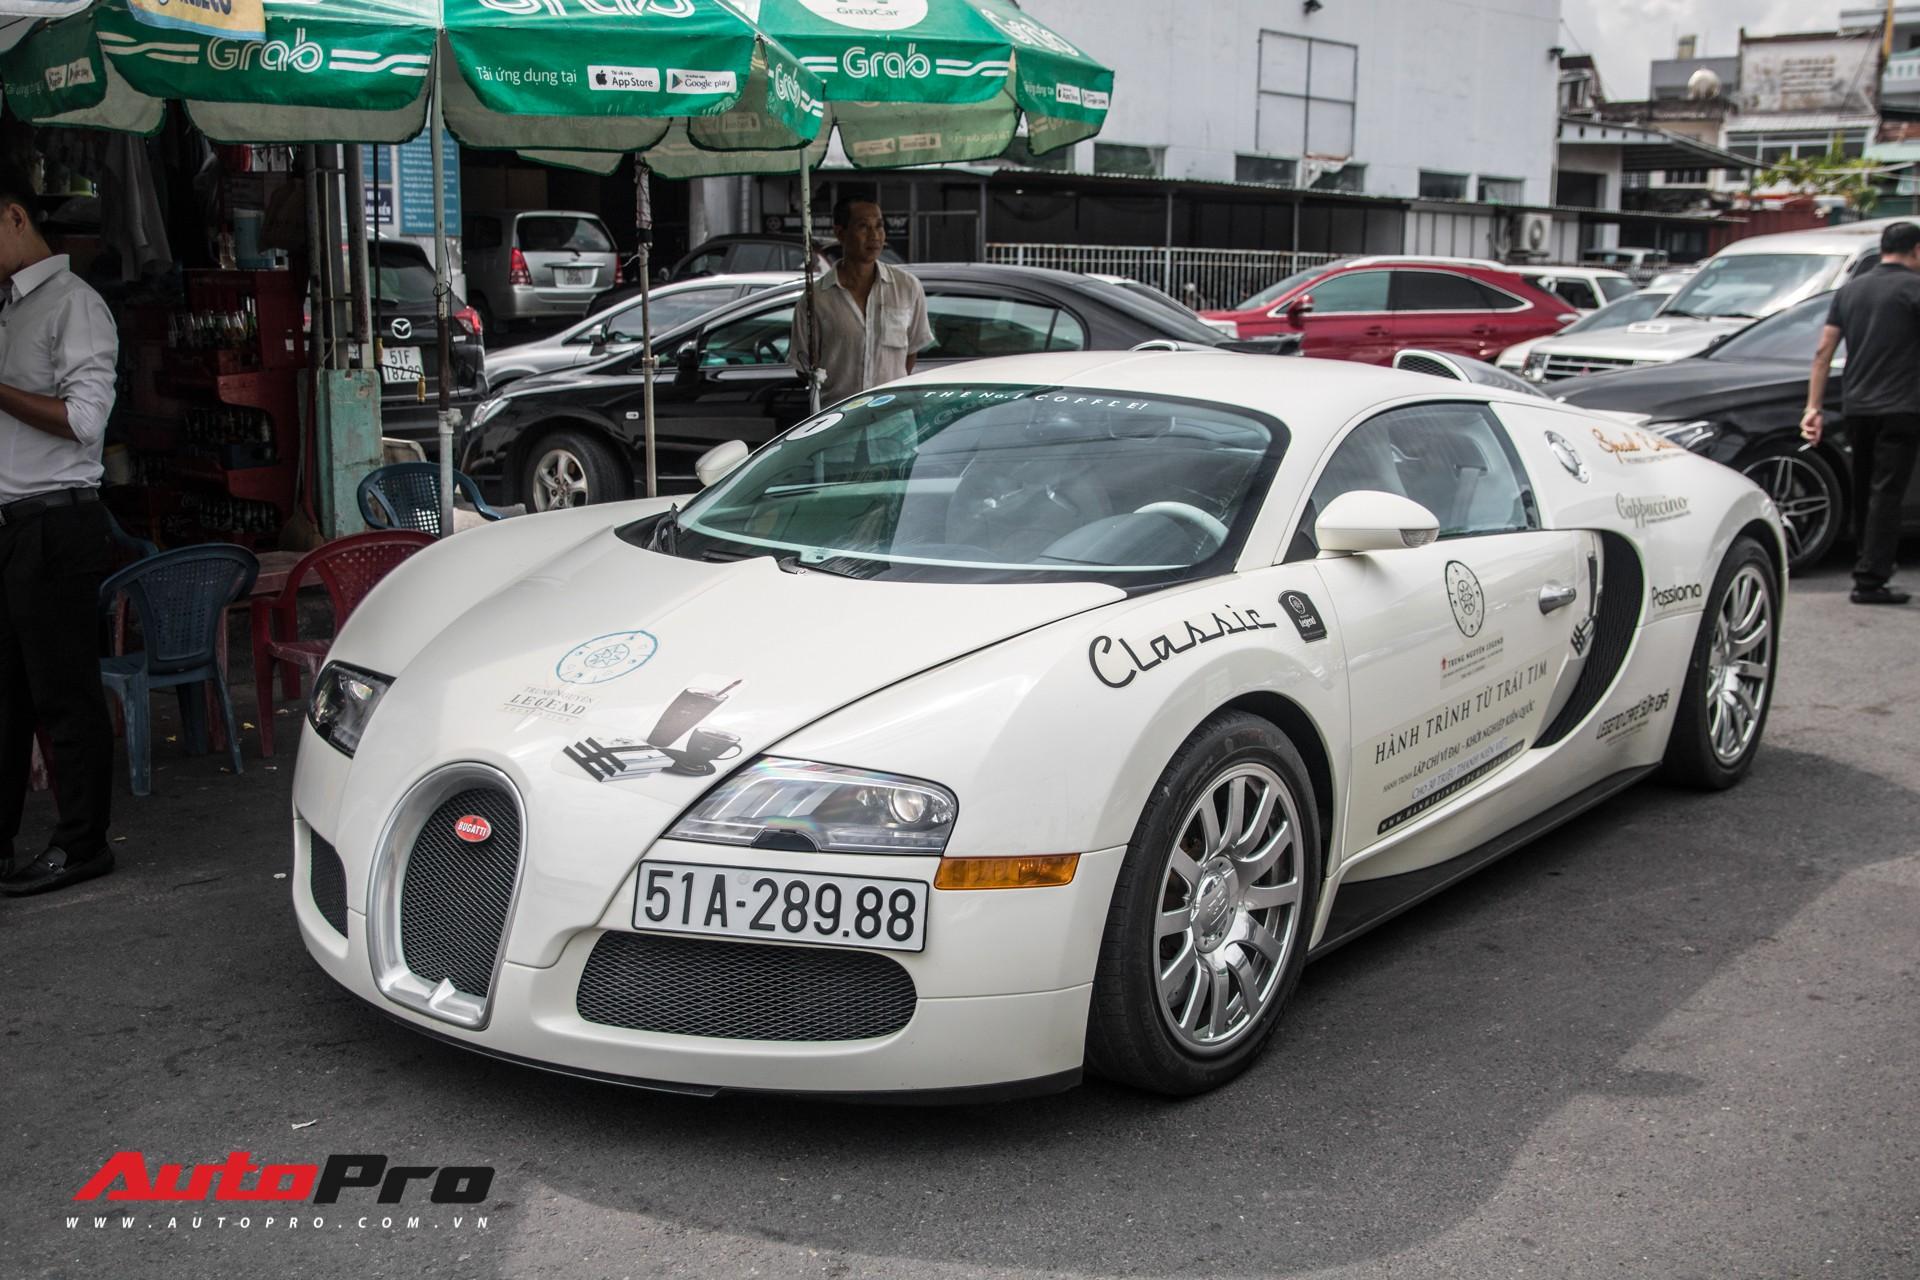 Tóm gọn Bugatti Veyron 16.4 của ông Đặng Lê Nguyên Vũ đi đăng kiểm - 4